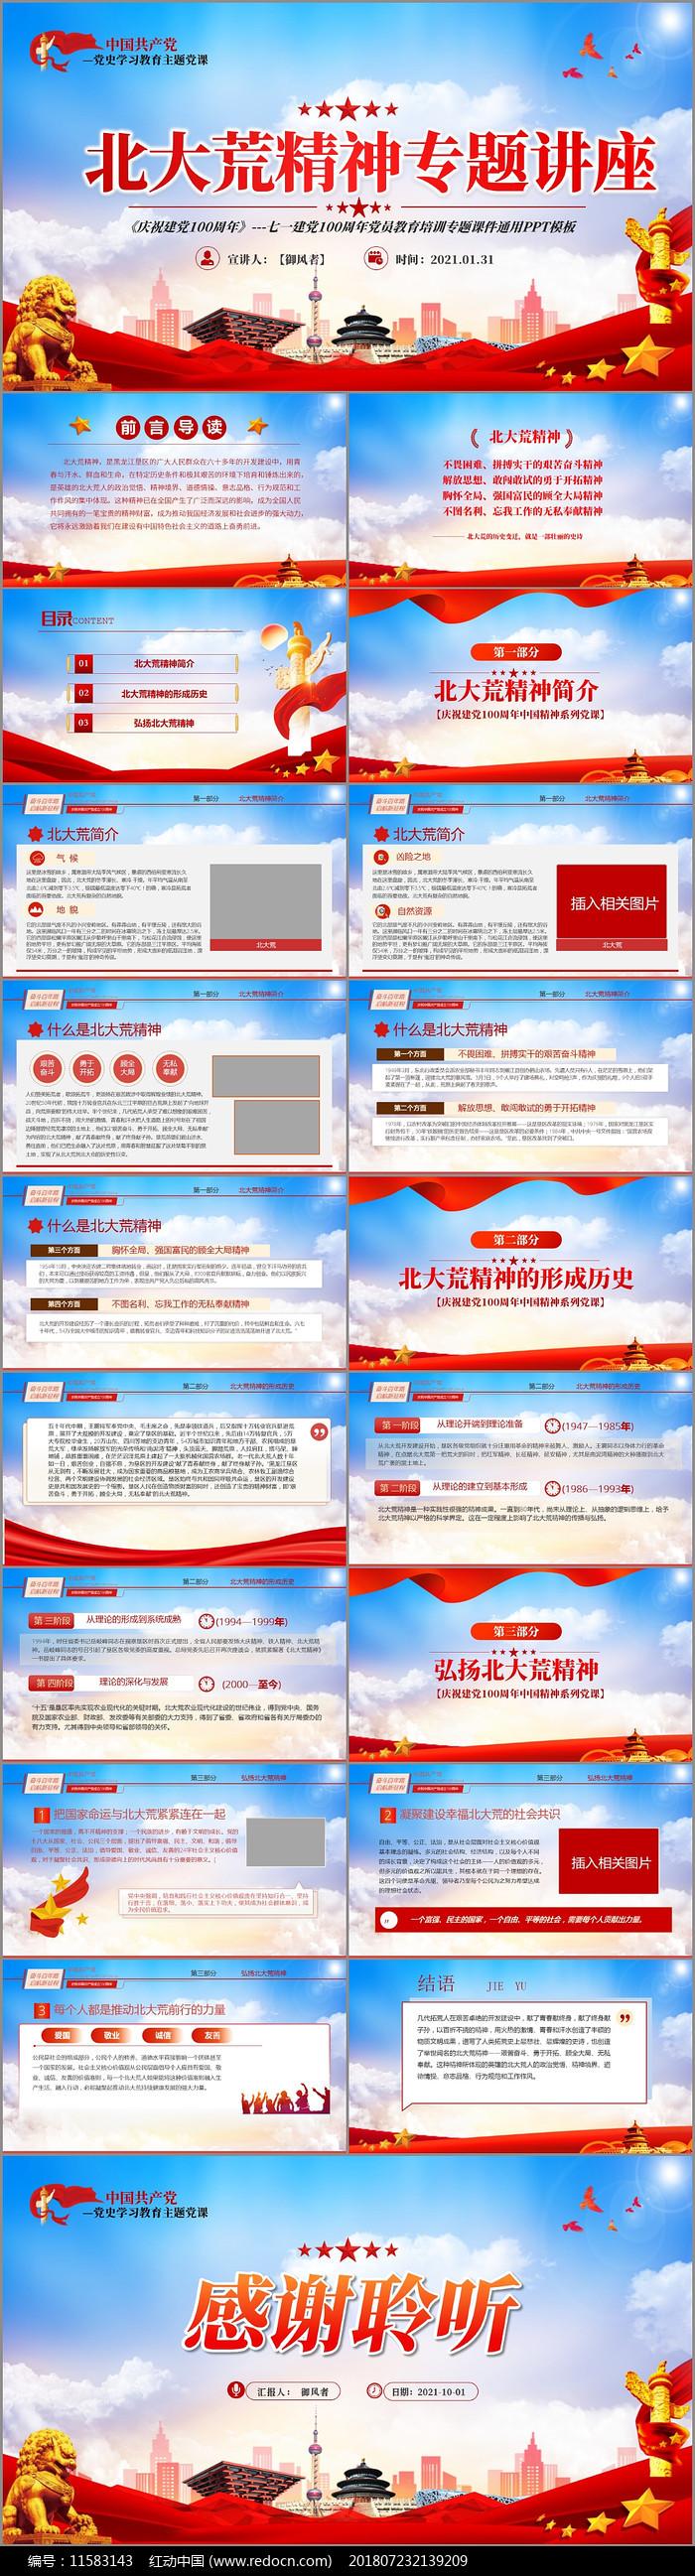 北大荒精神中国精神七一党课PPT图片